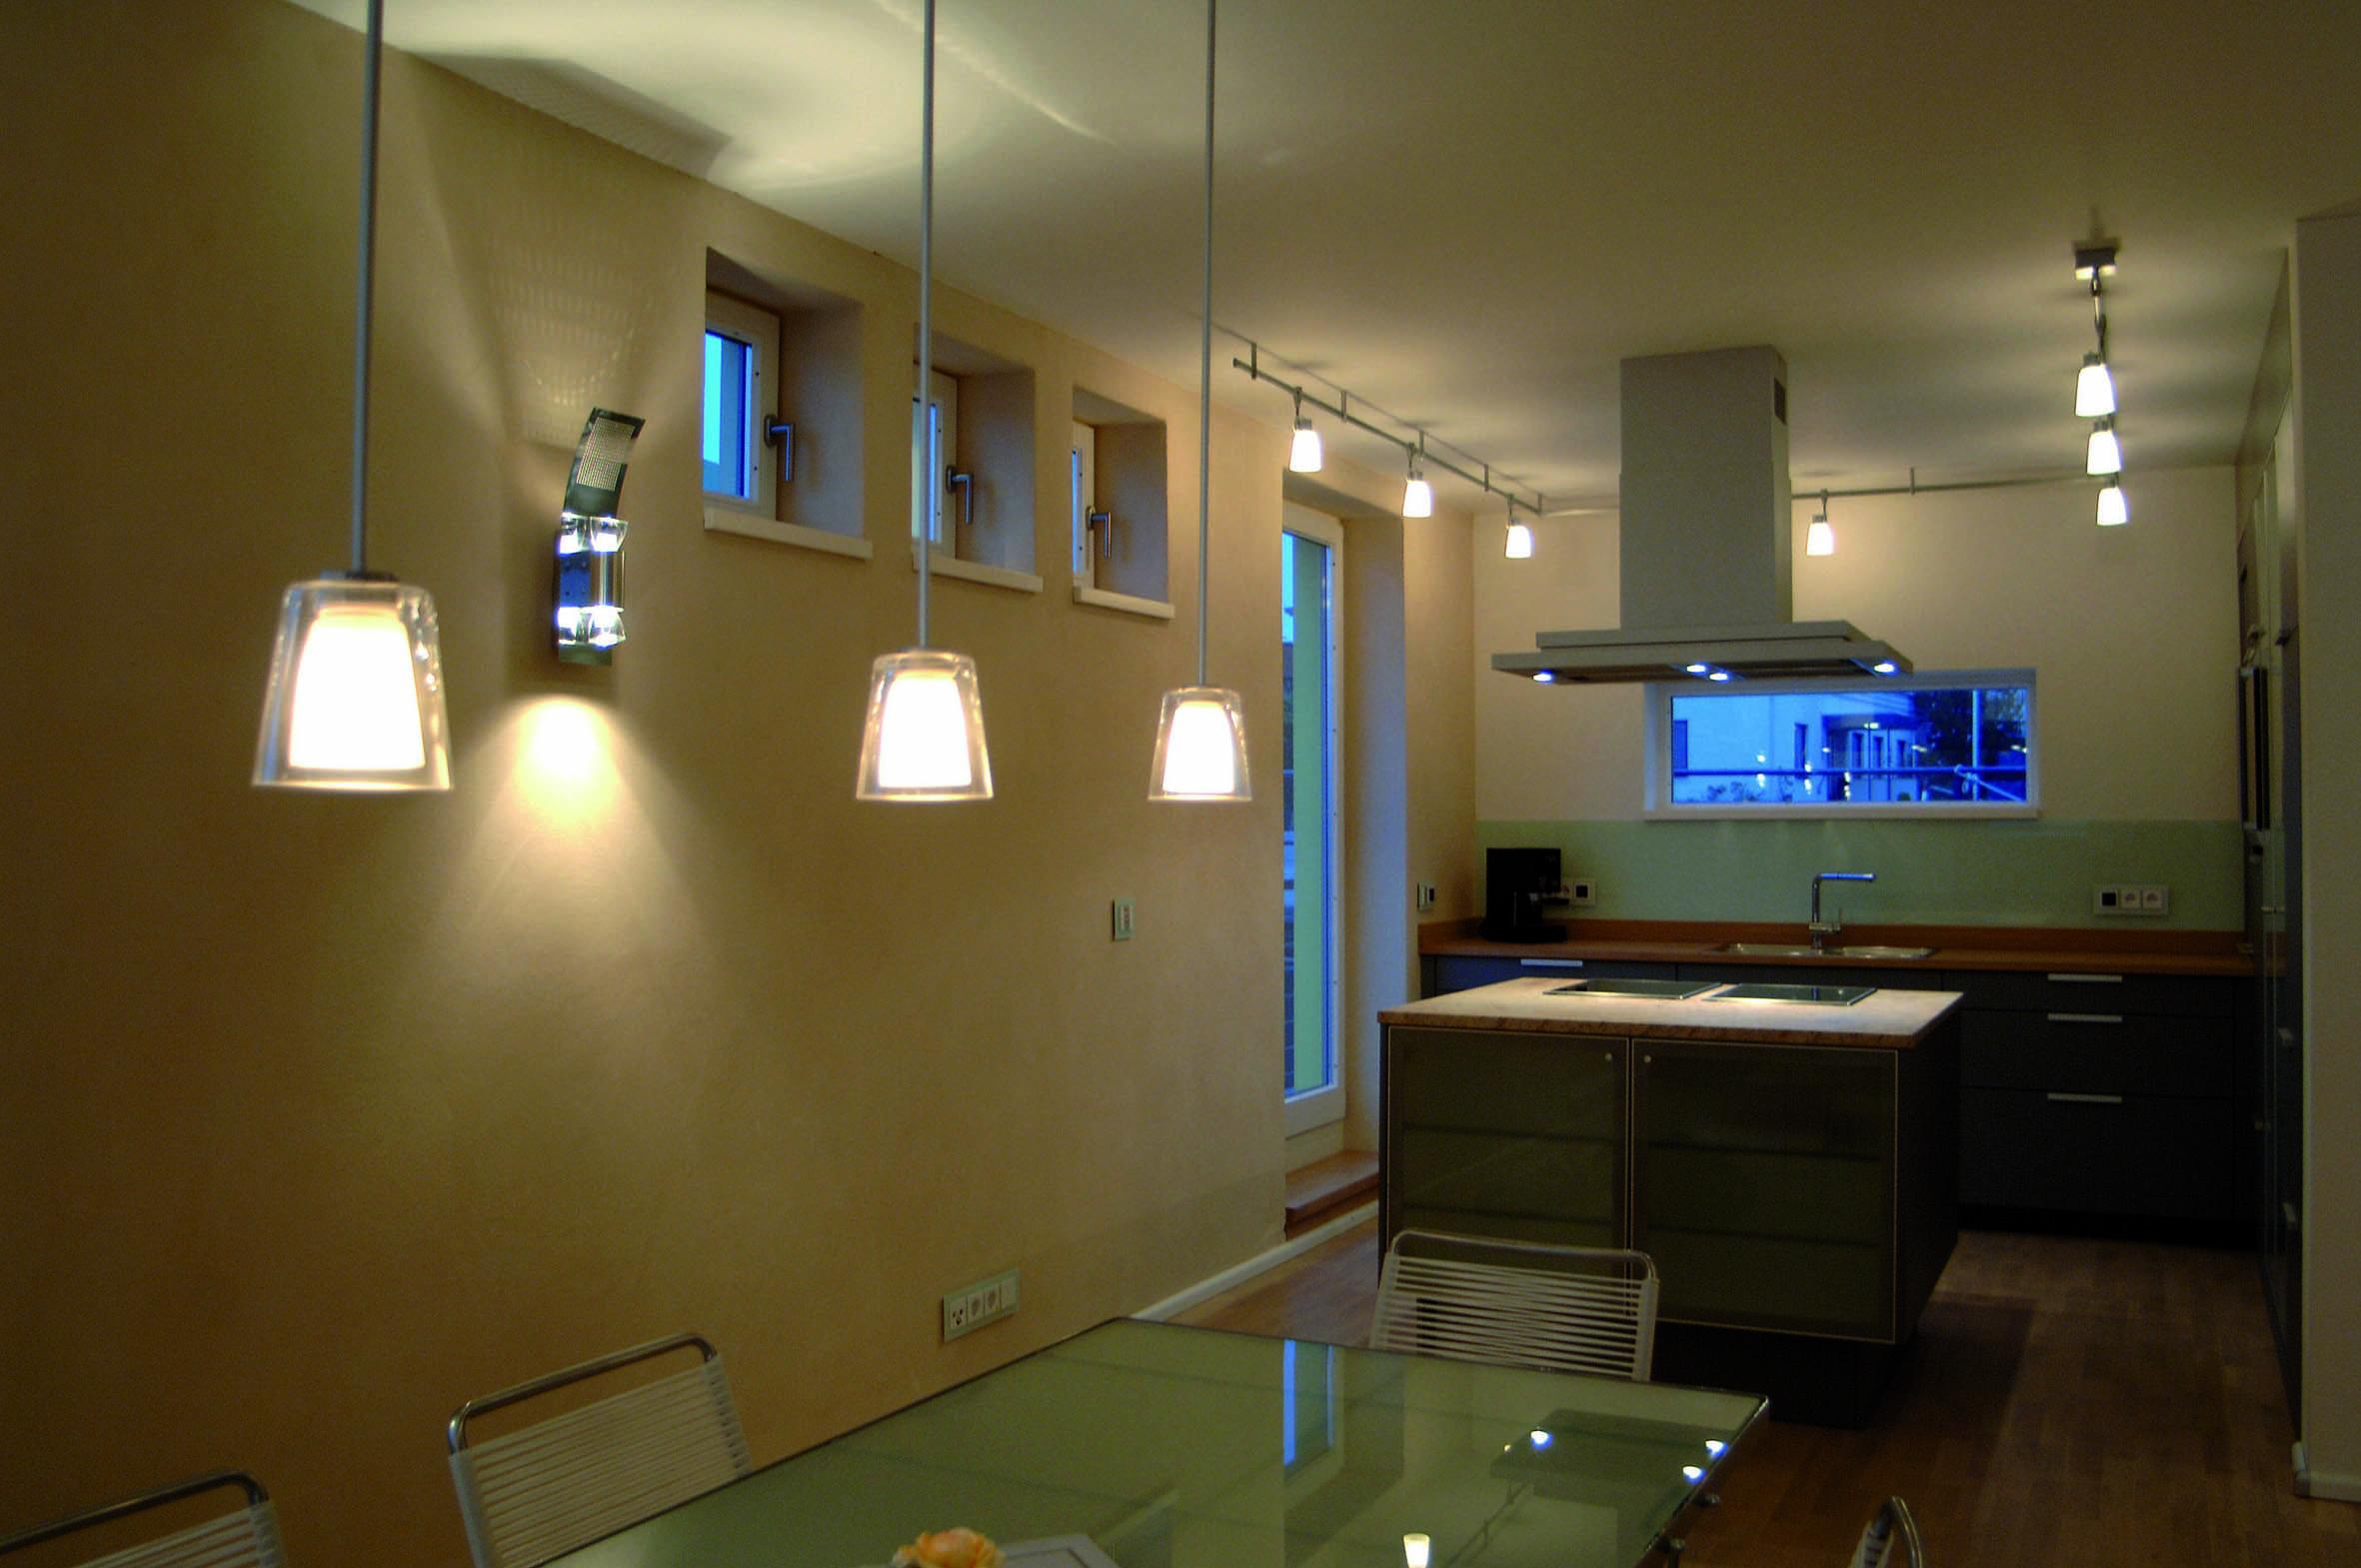 Sind die Dimmer in ein Smart-Home-System integriert, können sie mit weiteren Komponenten, beispielsweise Dämmerungssensoren oder Rollläden, verknüpft werden. Foto: Elektro+/Busch-Jaeger